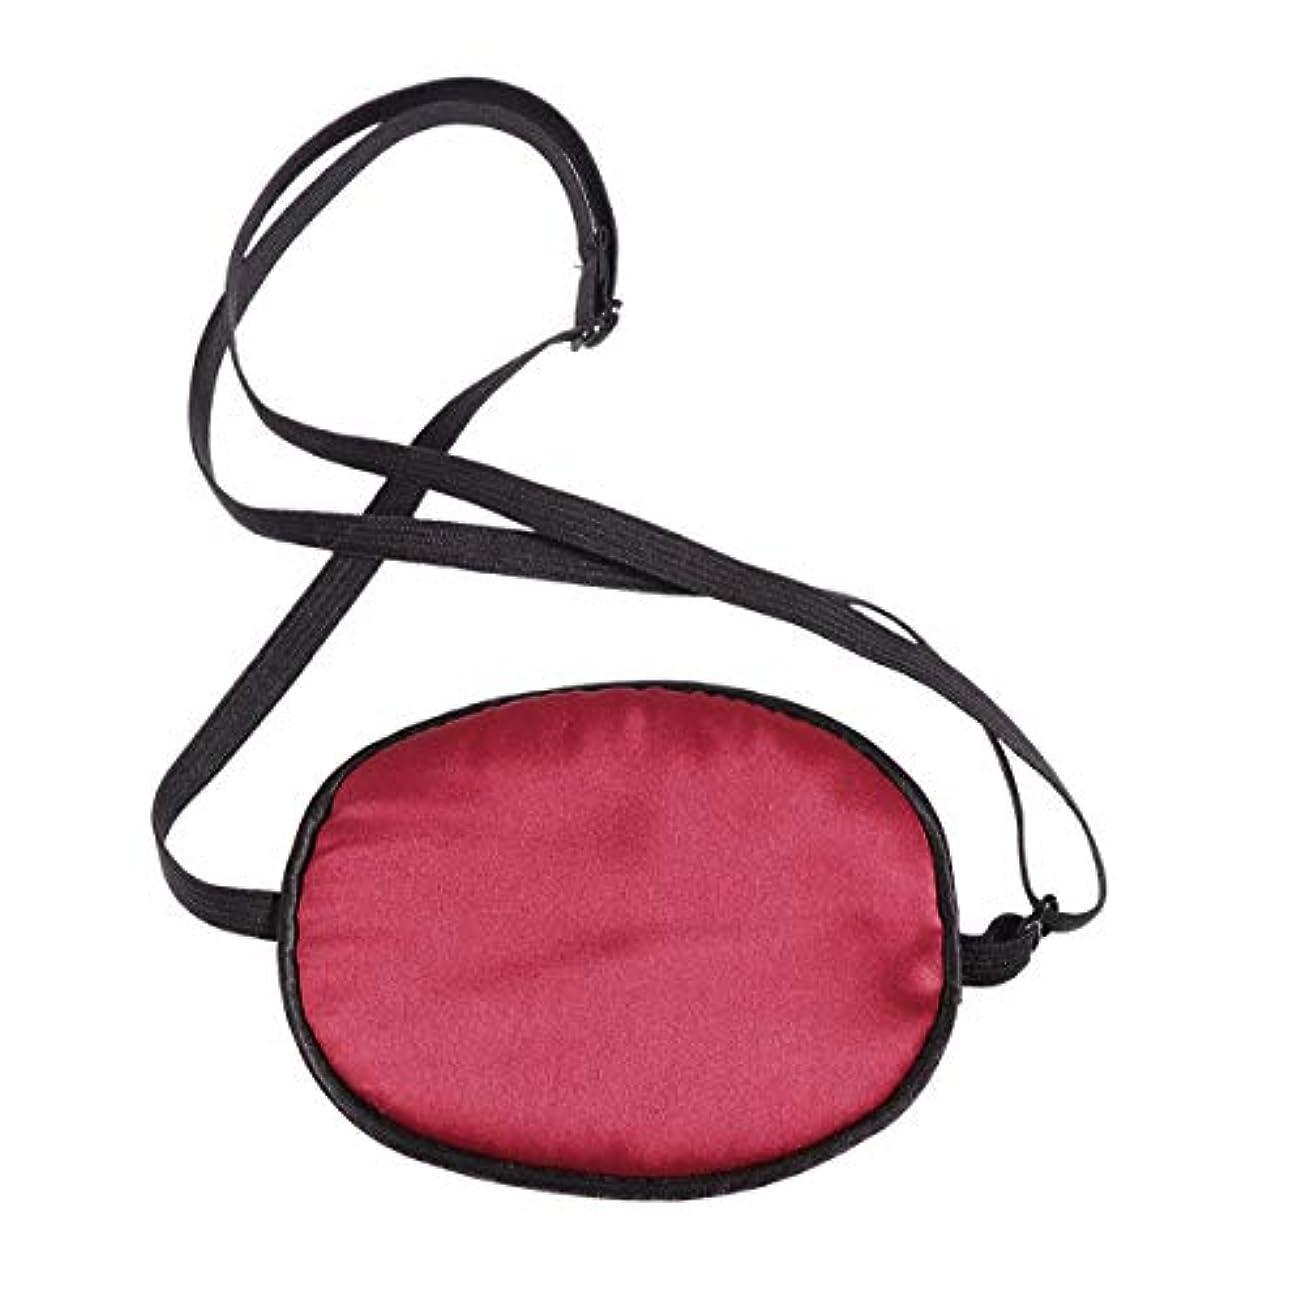 マスク唇ハーブHEALIFTY 睡眠の目隠し調節可能な絹の海賊目のパッチ子供の弱視のためのソフトで快適な単一の目のマスク正面の怠惰な目